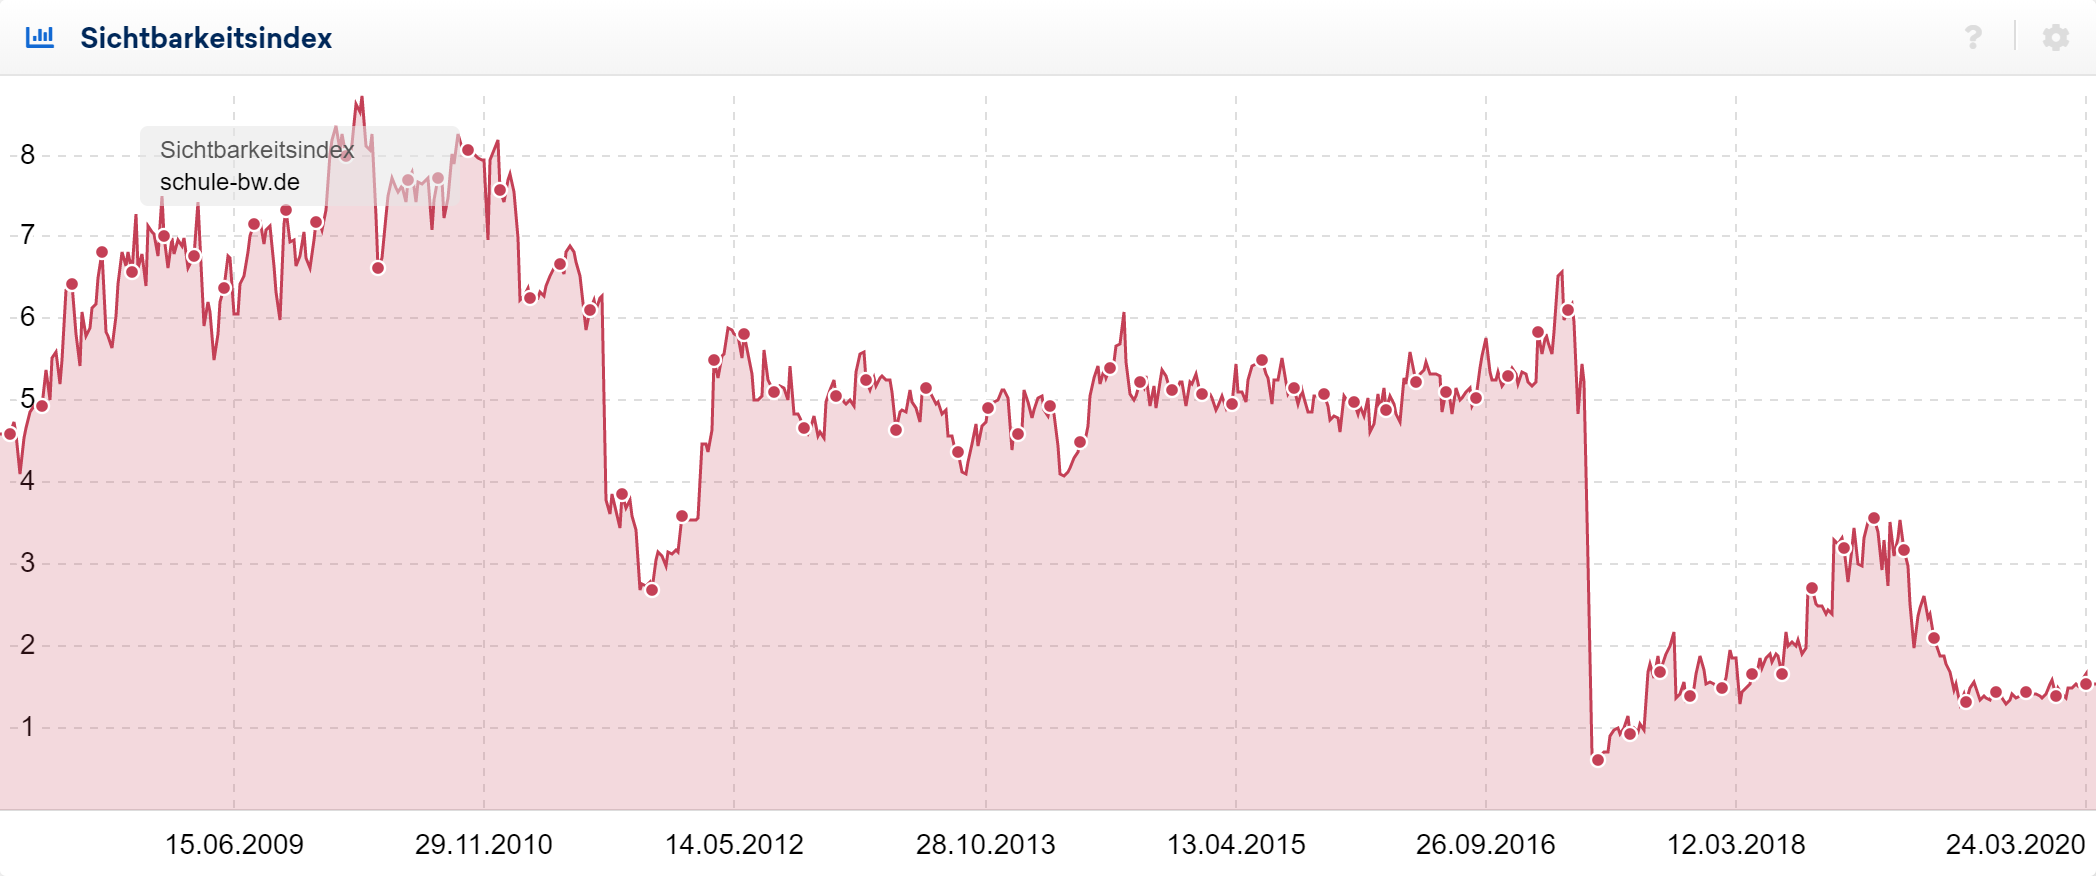 Sichtbarkeitsverlauf der Domain schule-bw.de. Es zeigt sich ein starker Sichtbarkeitsverlust Mitte 2017, von dem sich die Domain nicht wieder erholt hat.